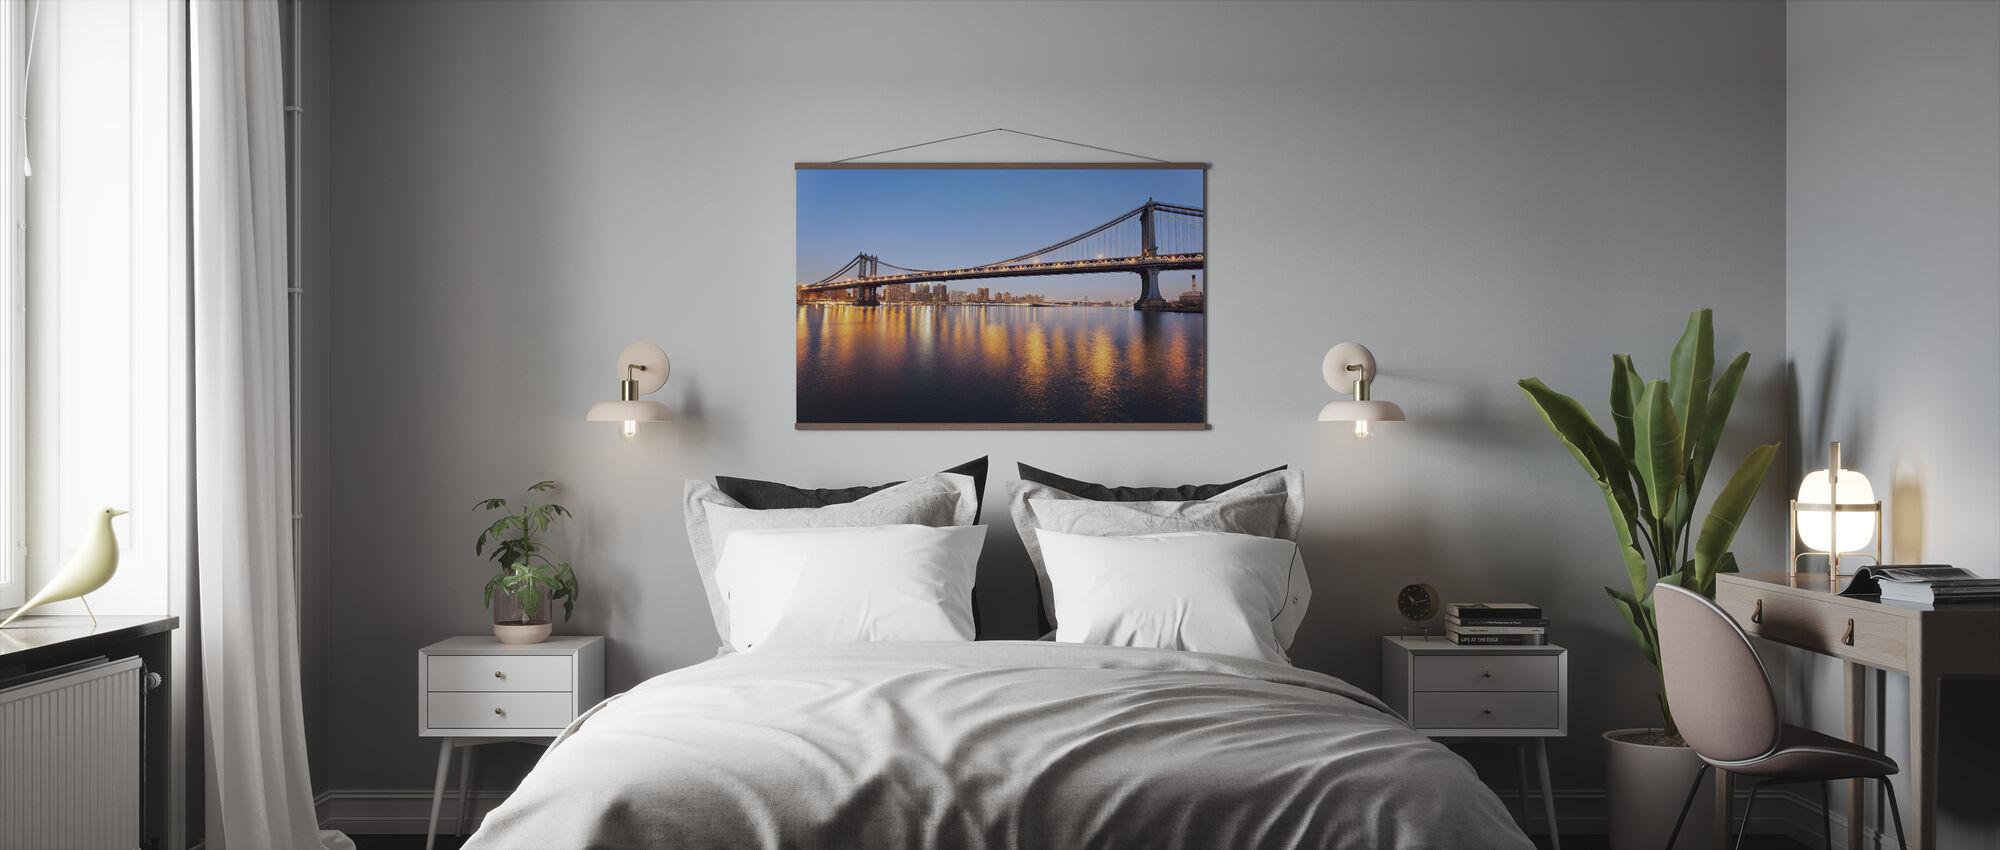 Bridge Lights Reflected in New York - Poster - Bedroom